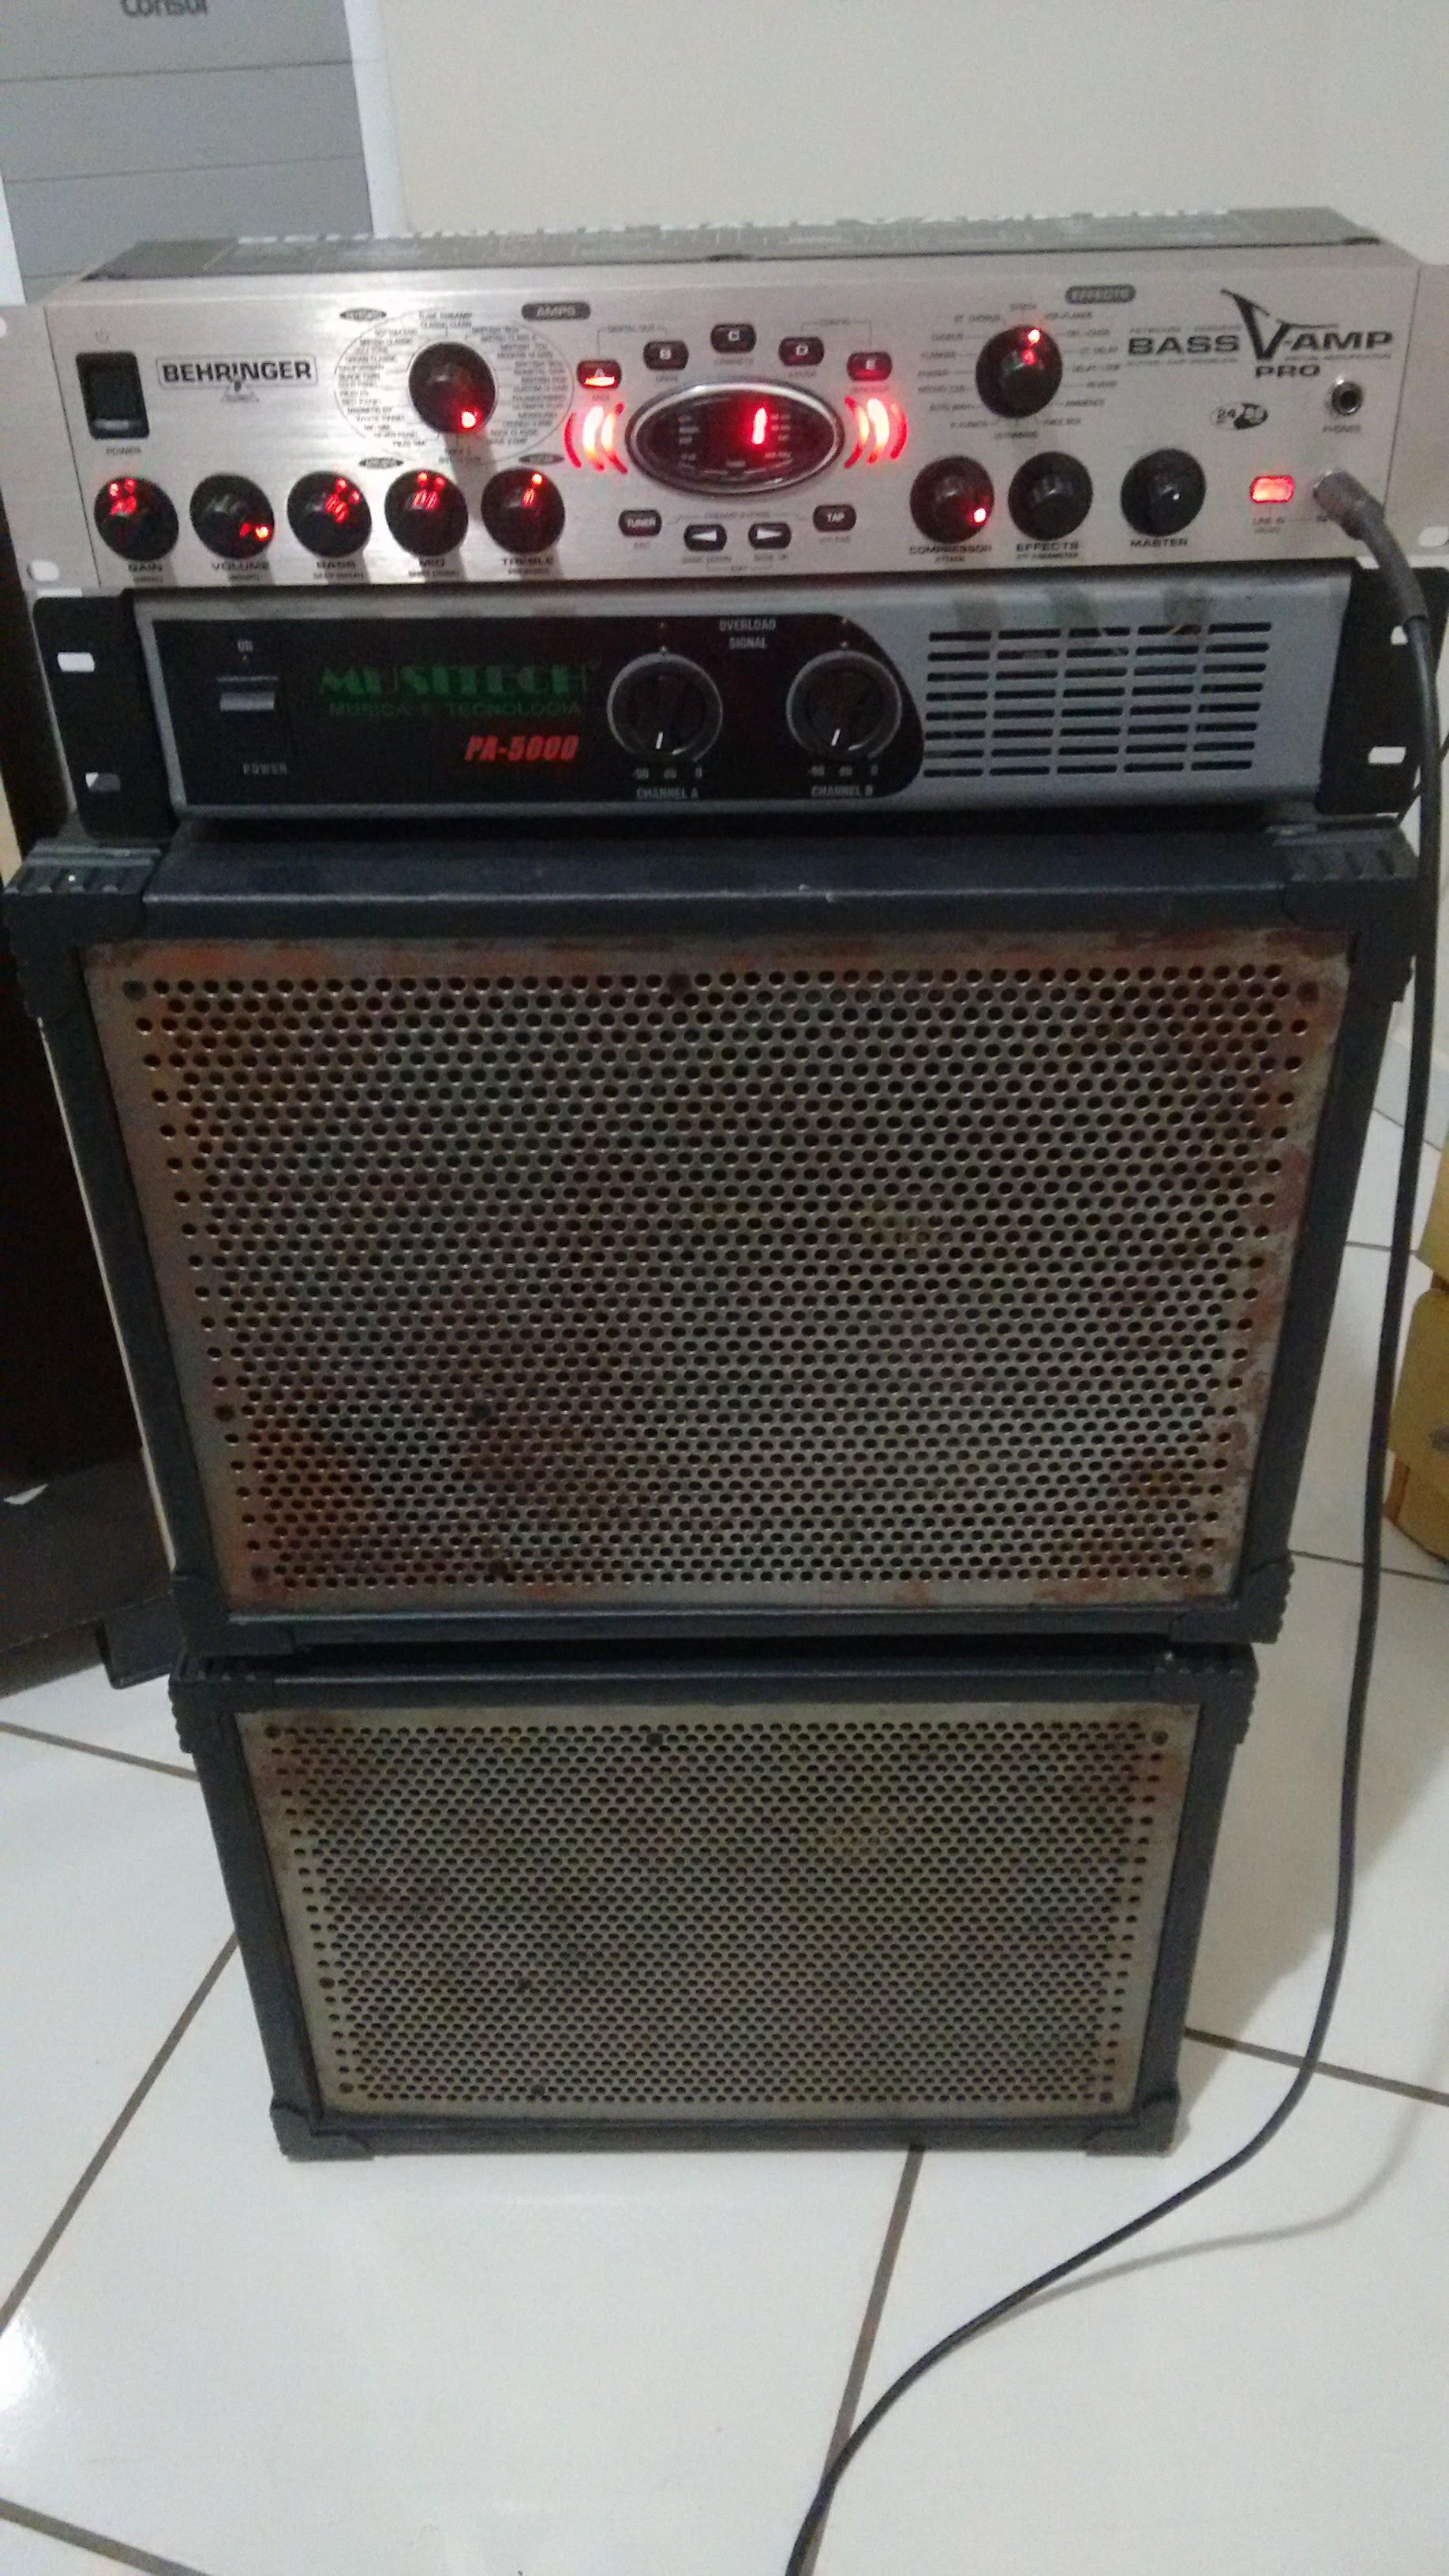 Curiosidade quanto a um set com amplificador não de contrabaixo - Página 6 Bass_rack_pro_fabio_frediani_bass_v_amp